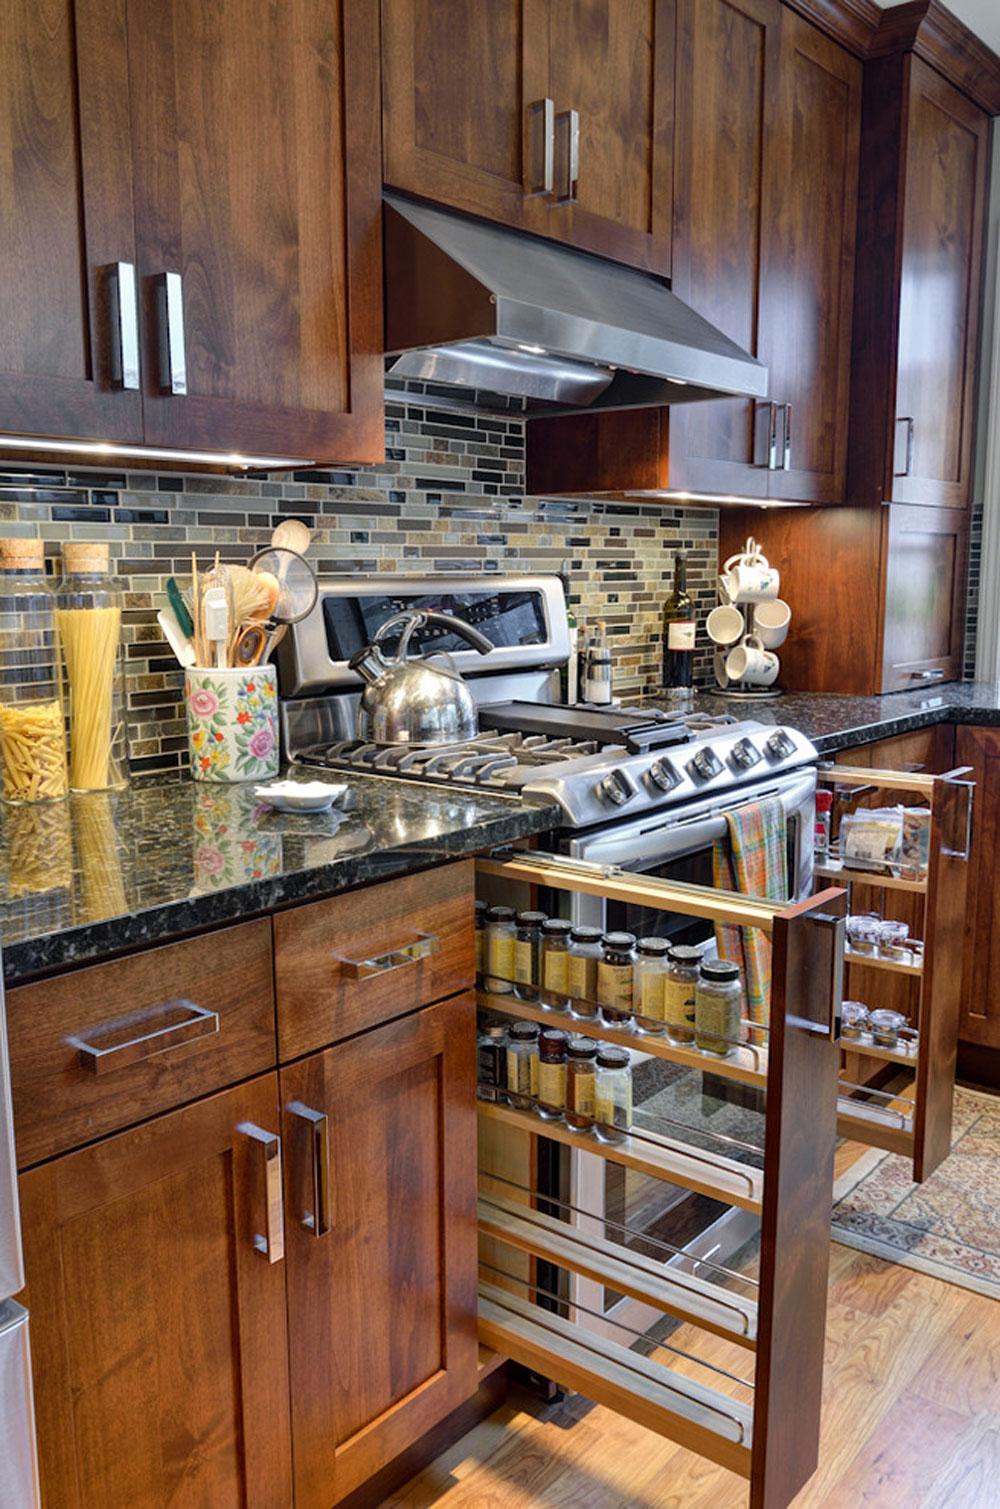 طراحی داخلی آشپزخانه و فضا سازی مدرن ادویه جات